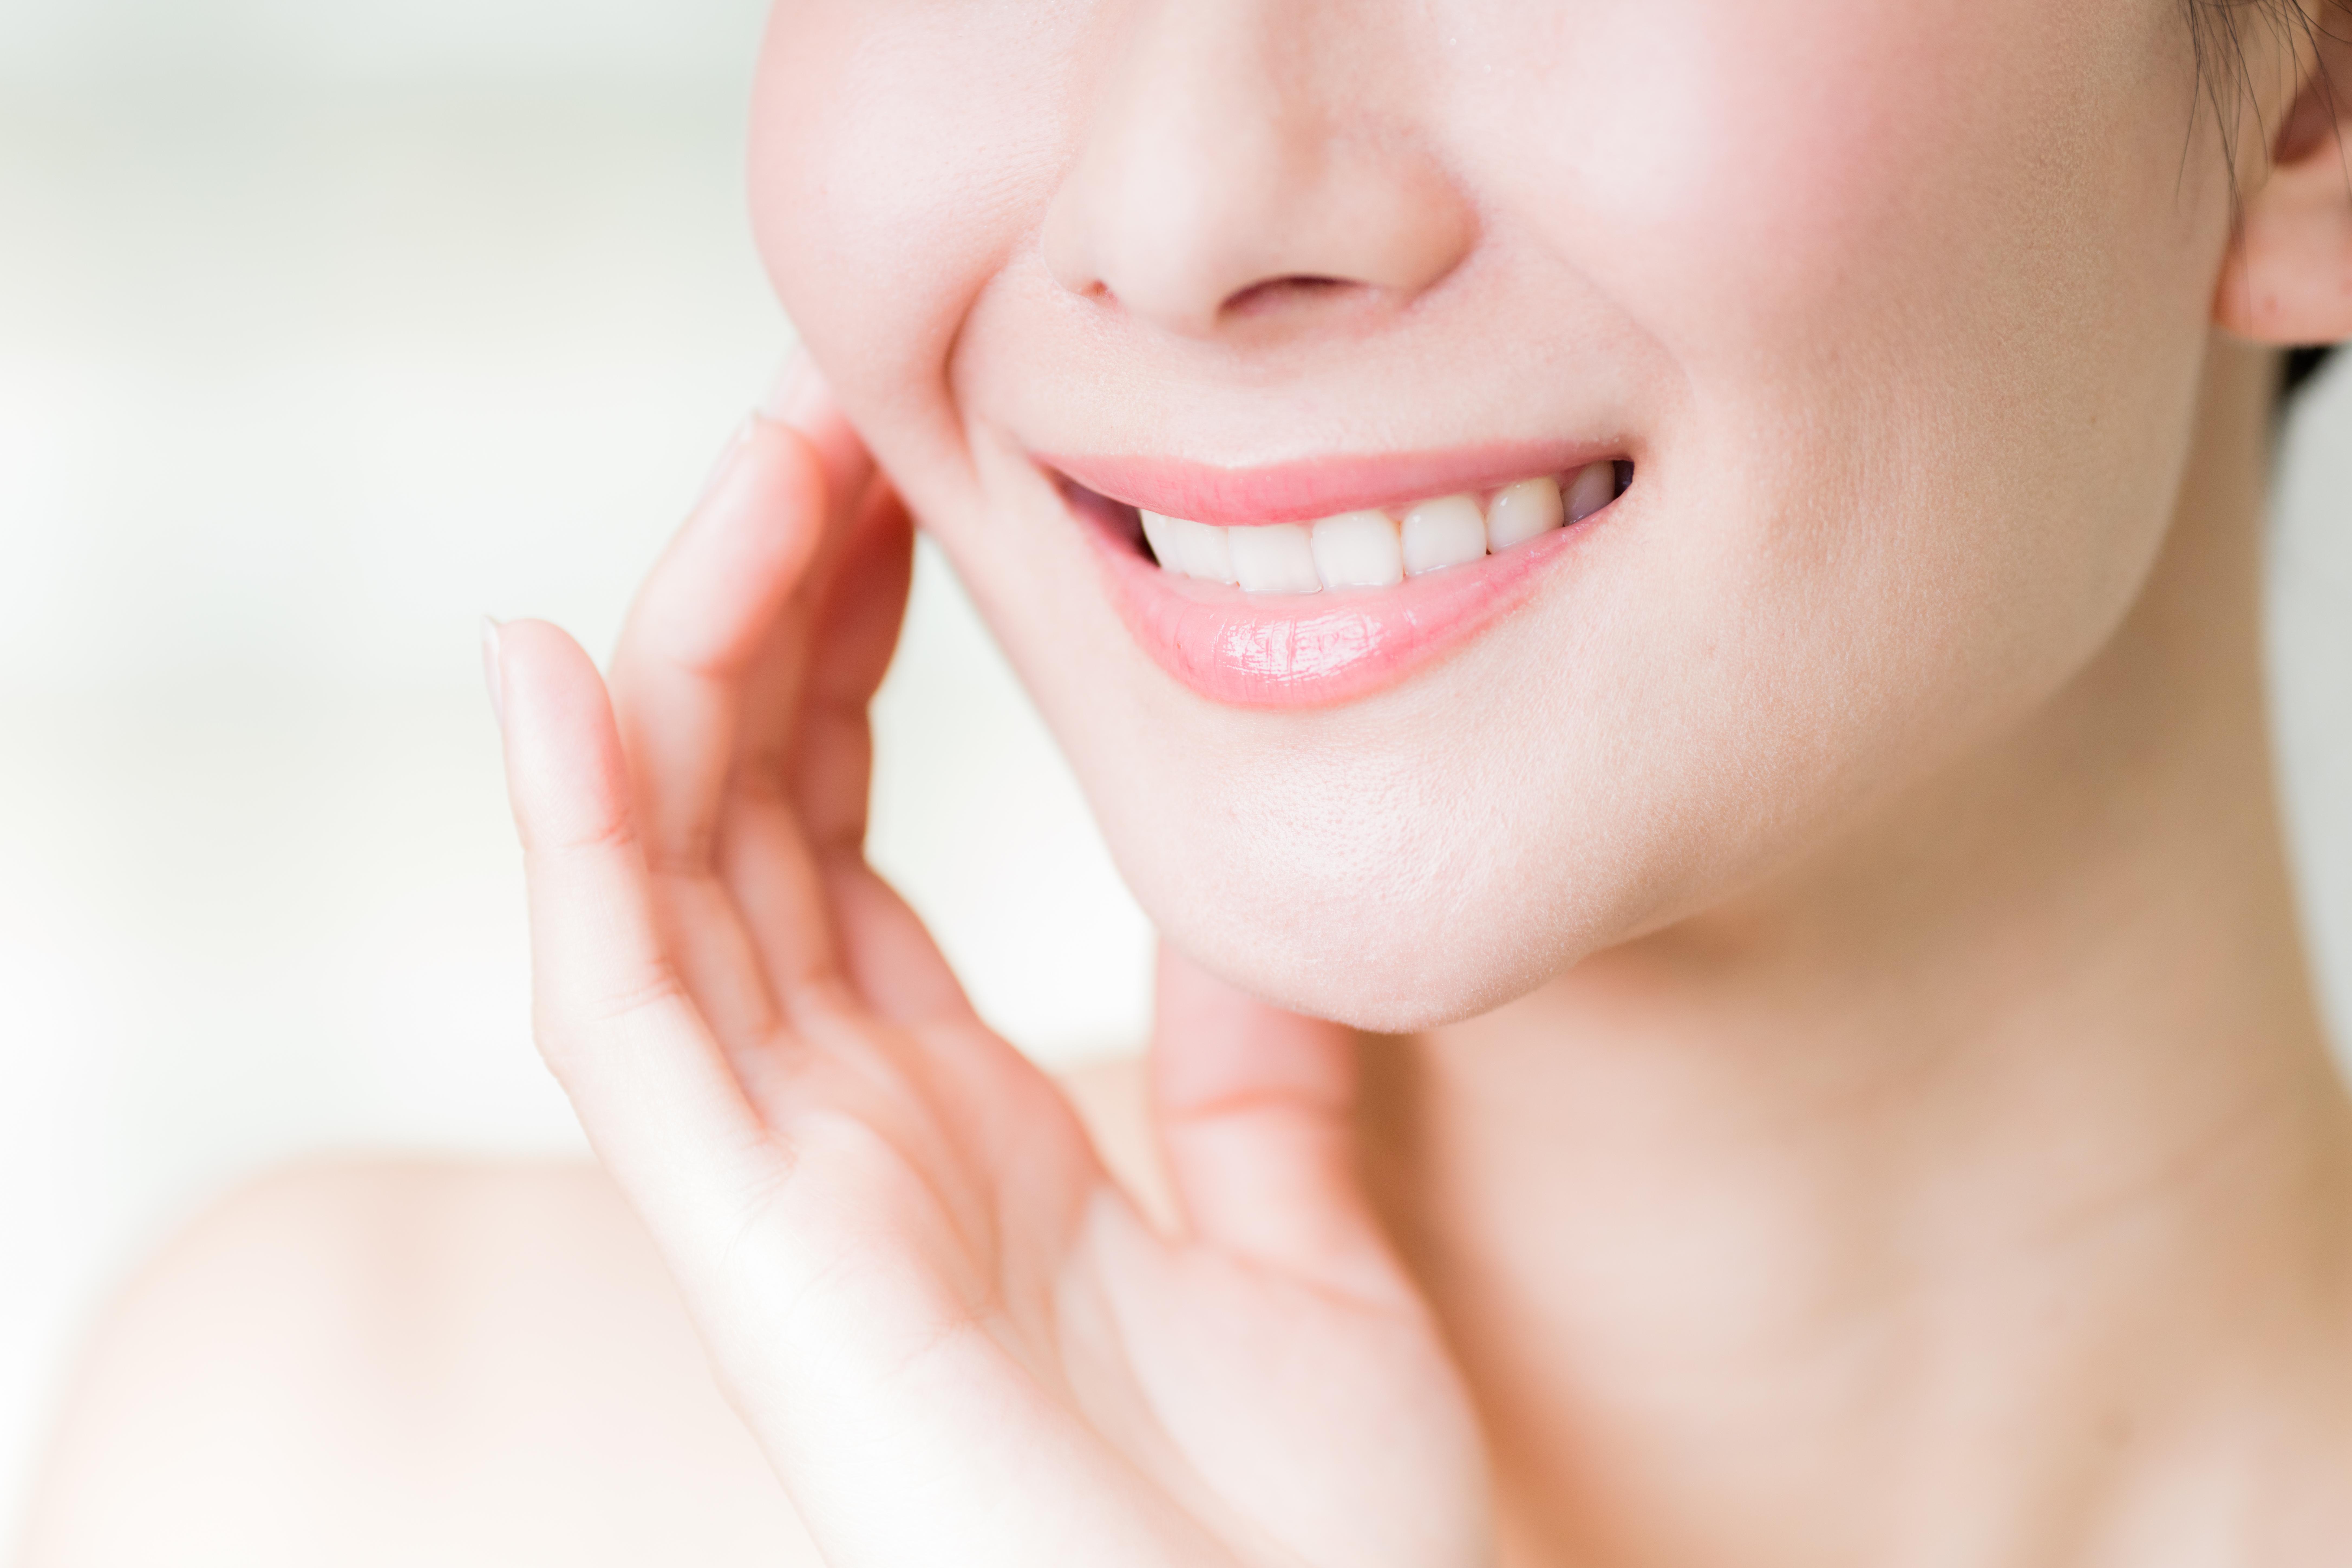 【徹底比較】歯の黄ばみって取れないの?いくつかの方法を紹介します!